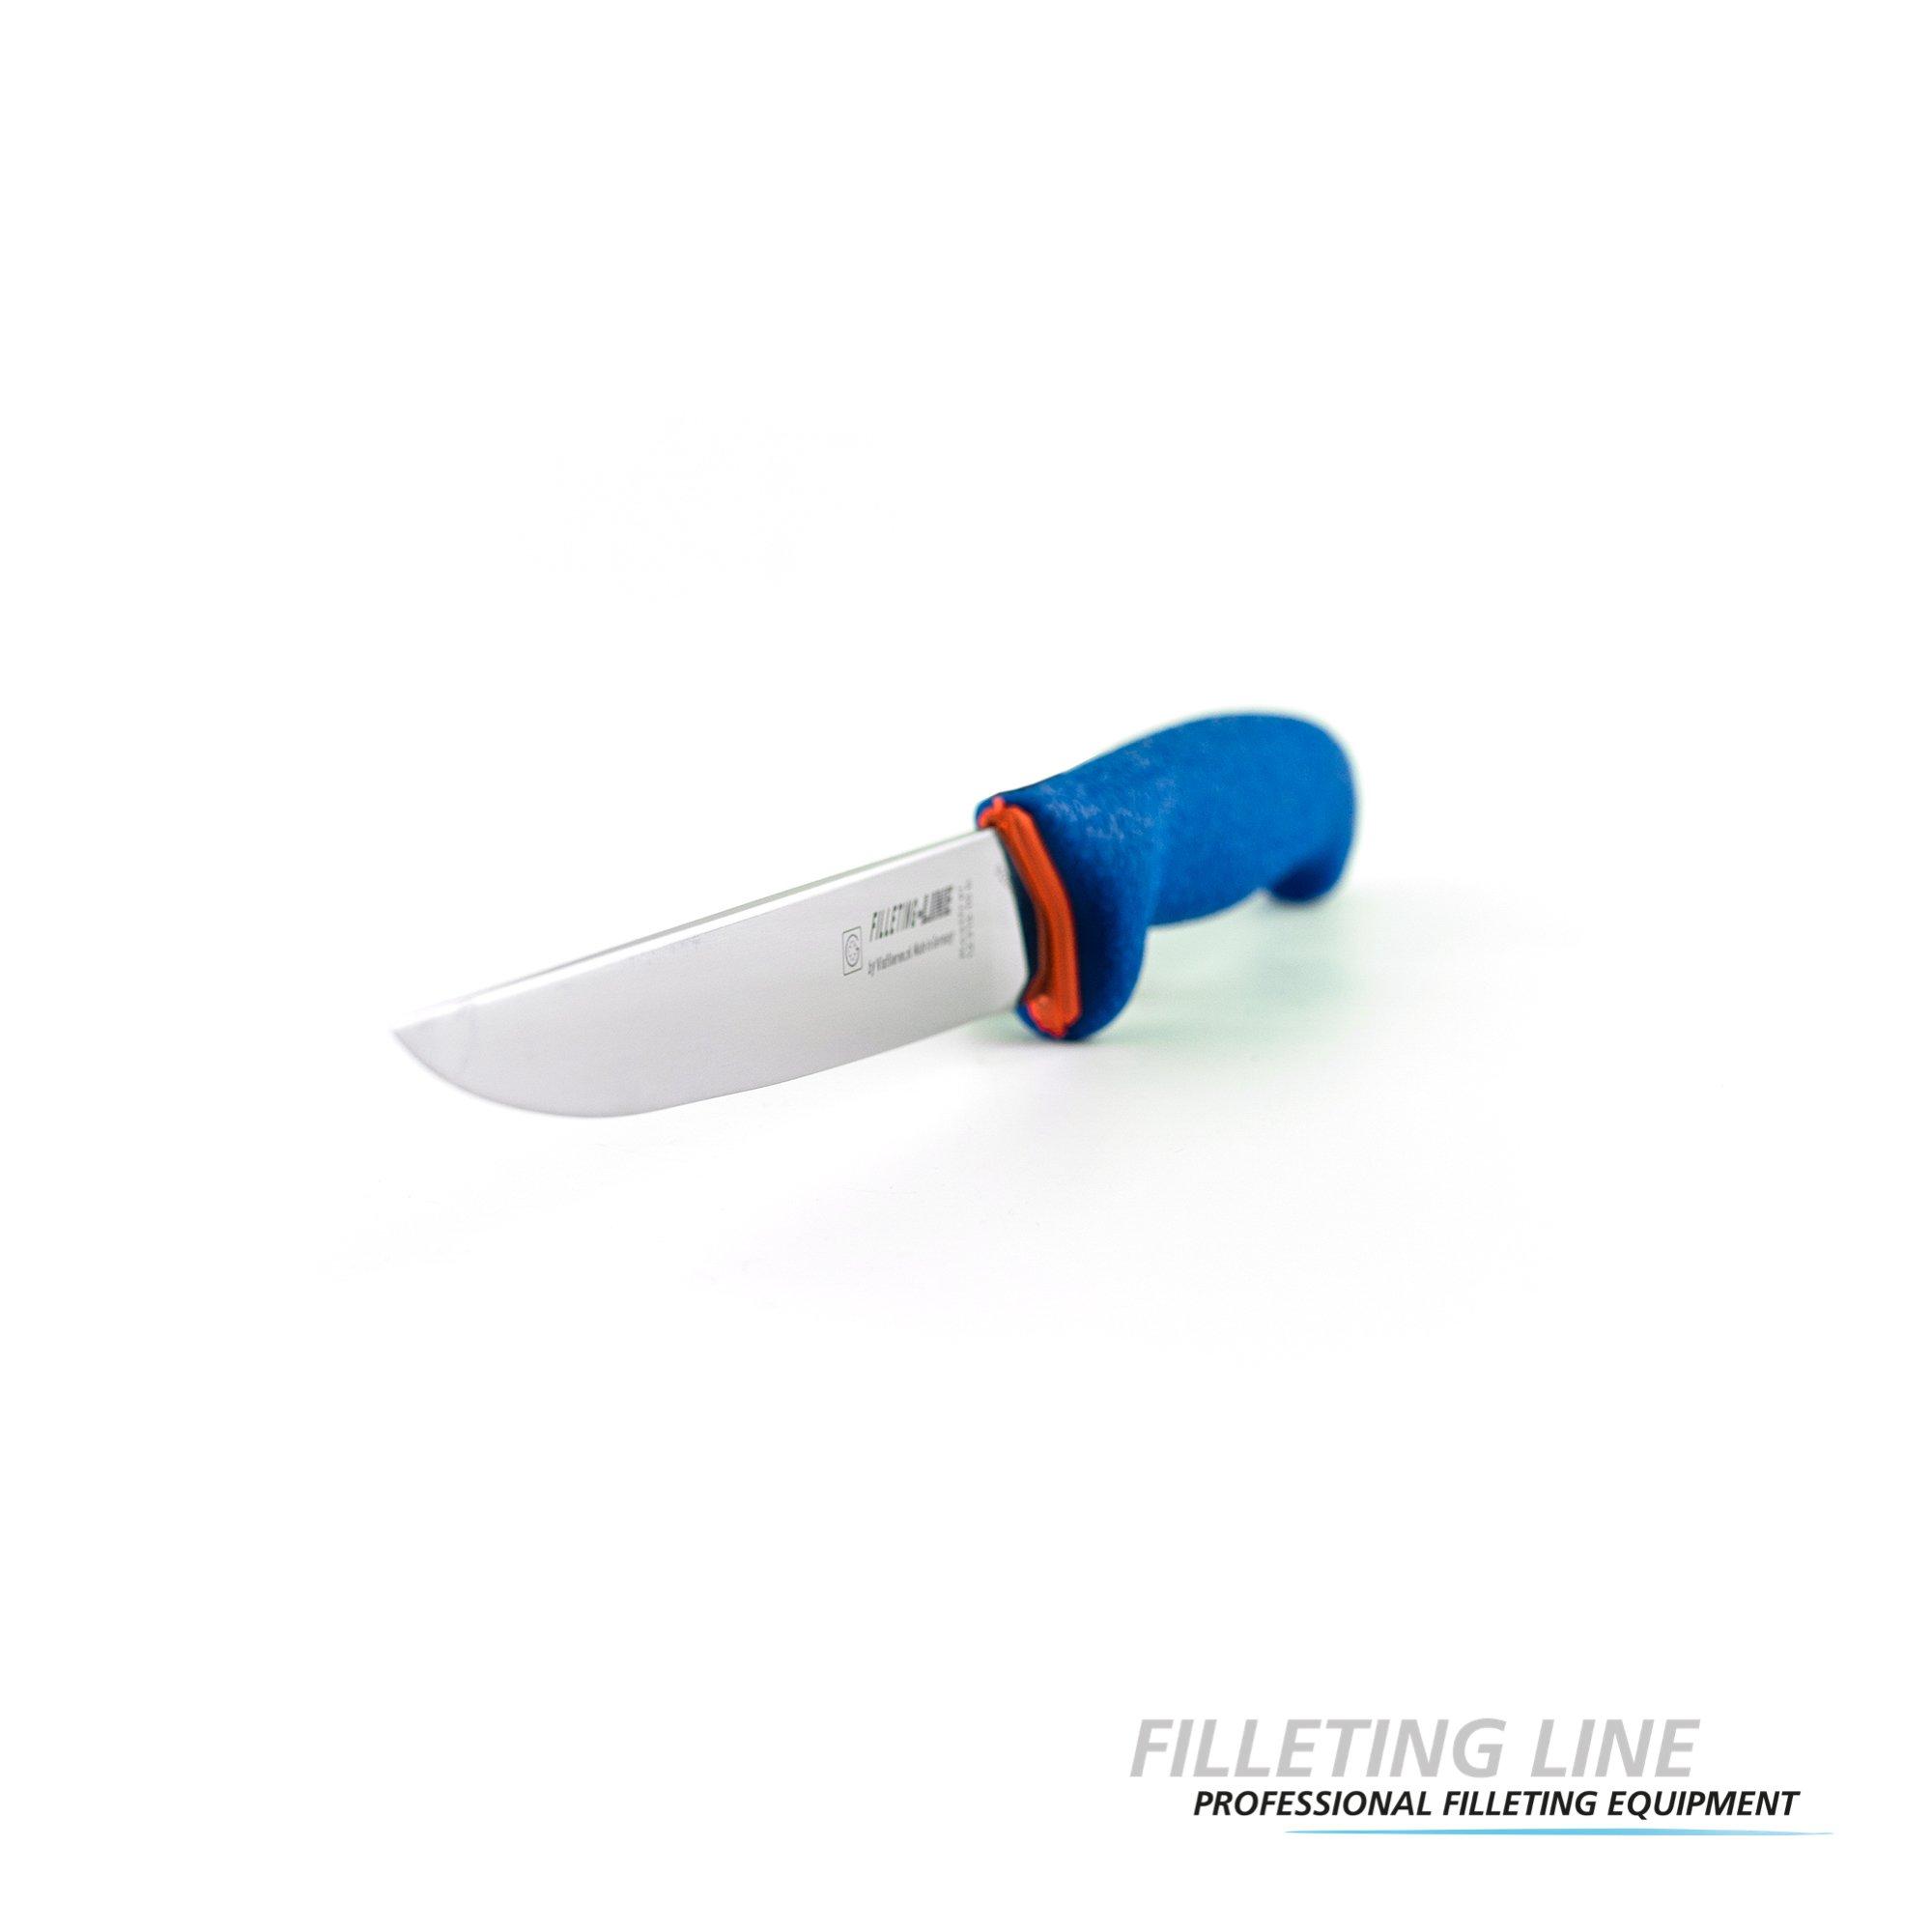 FILLETING LINE_2000x2000_45_logo_-28